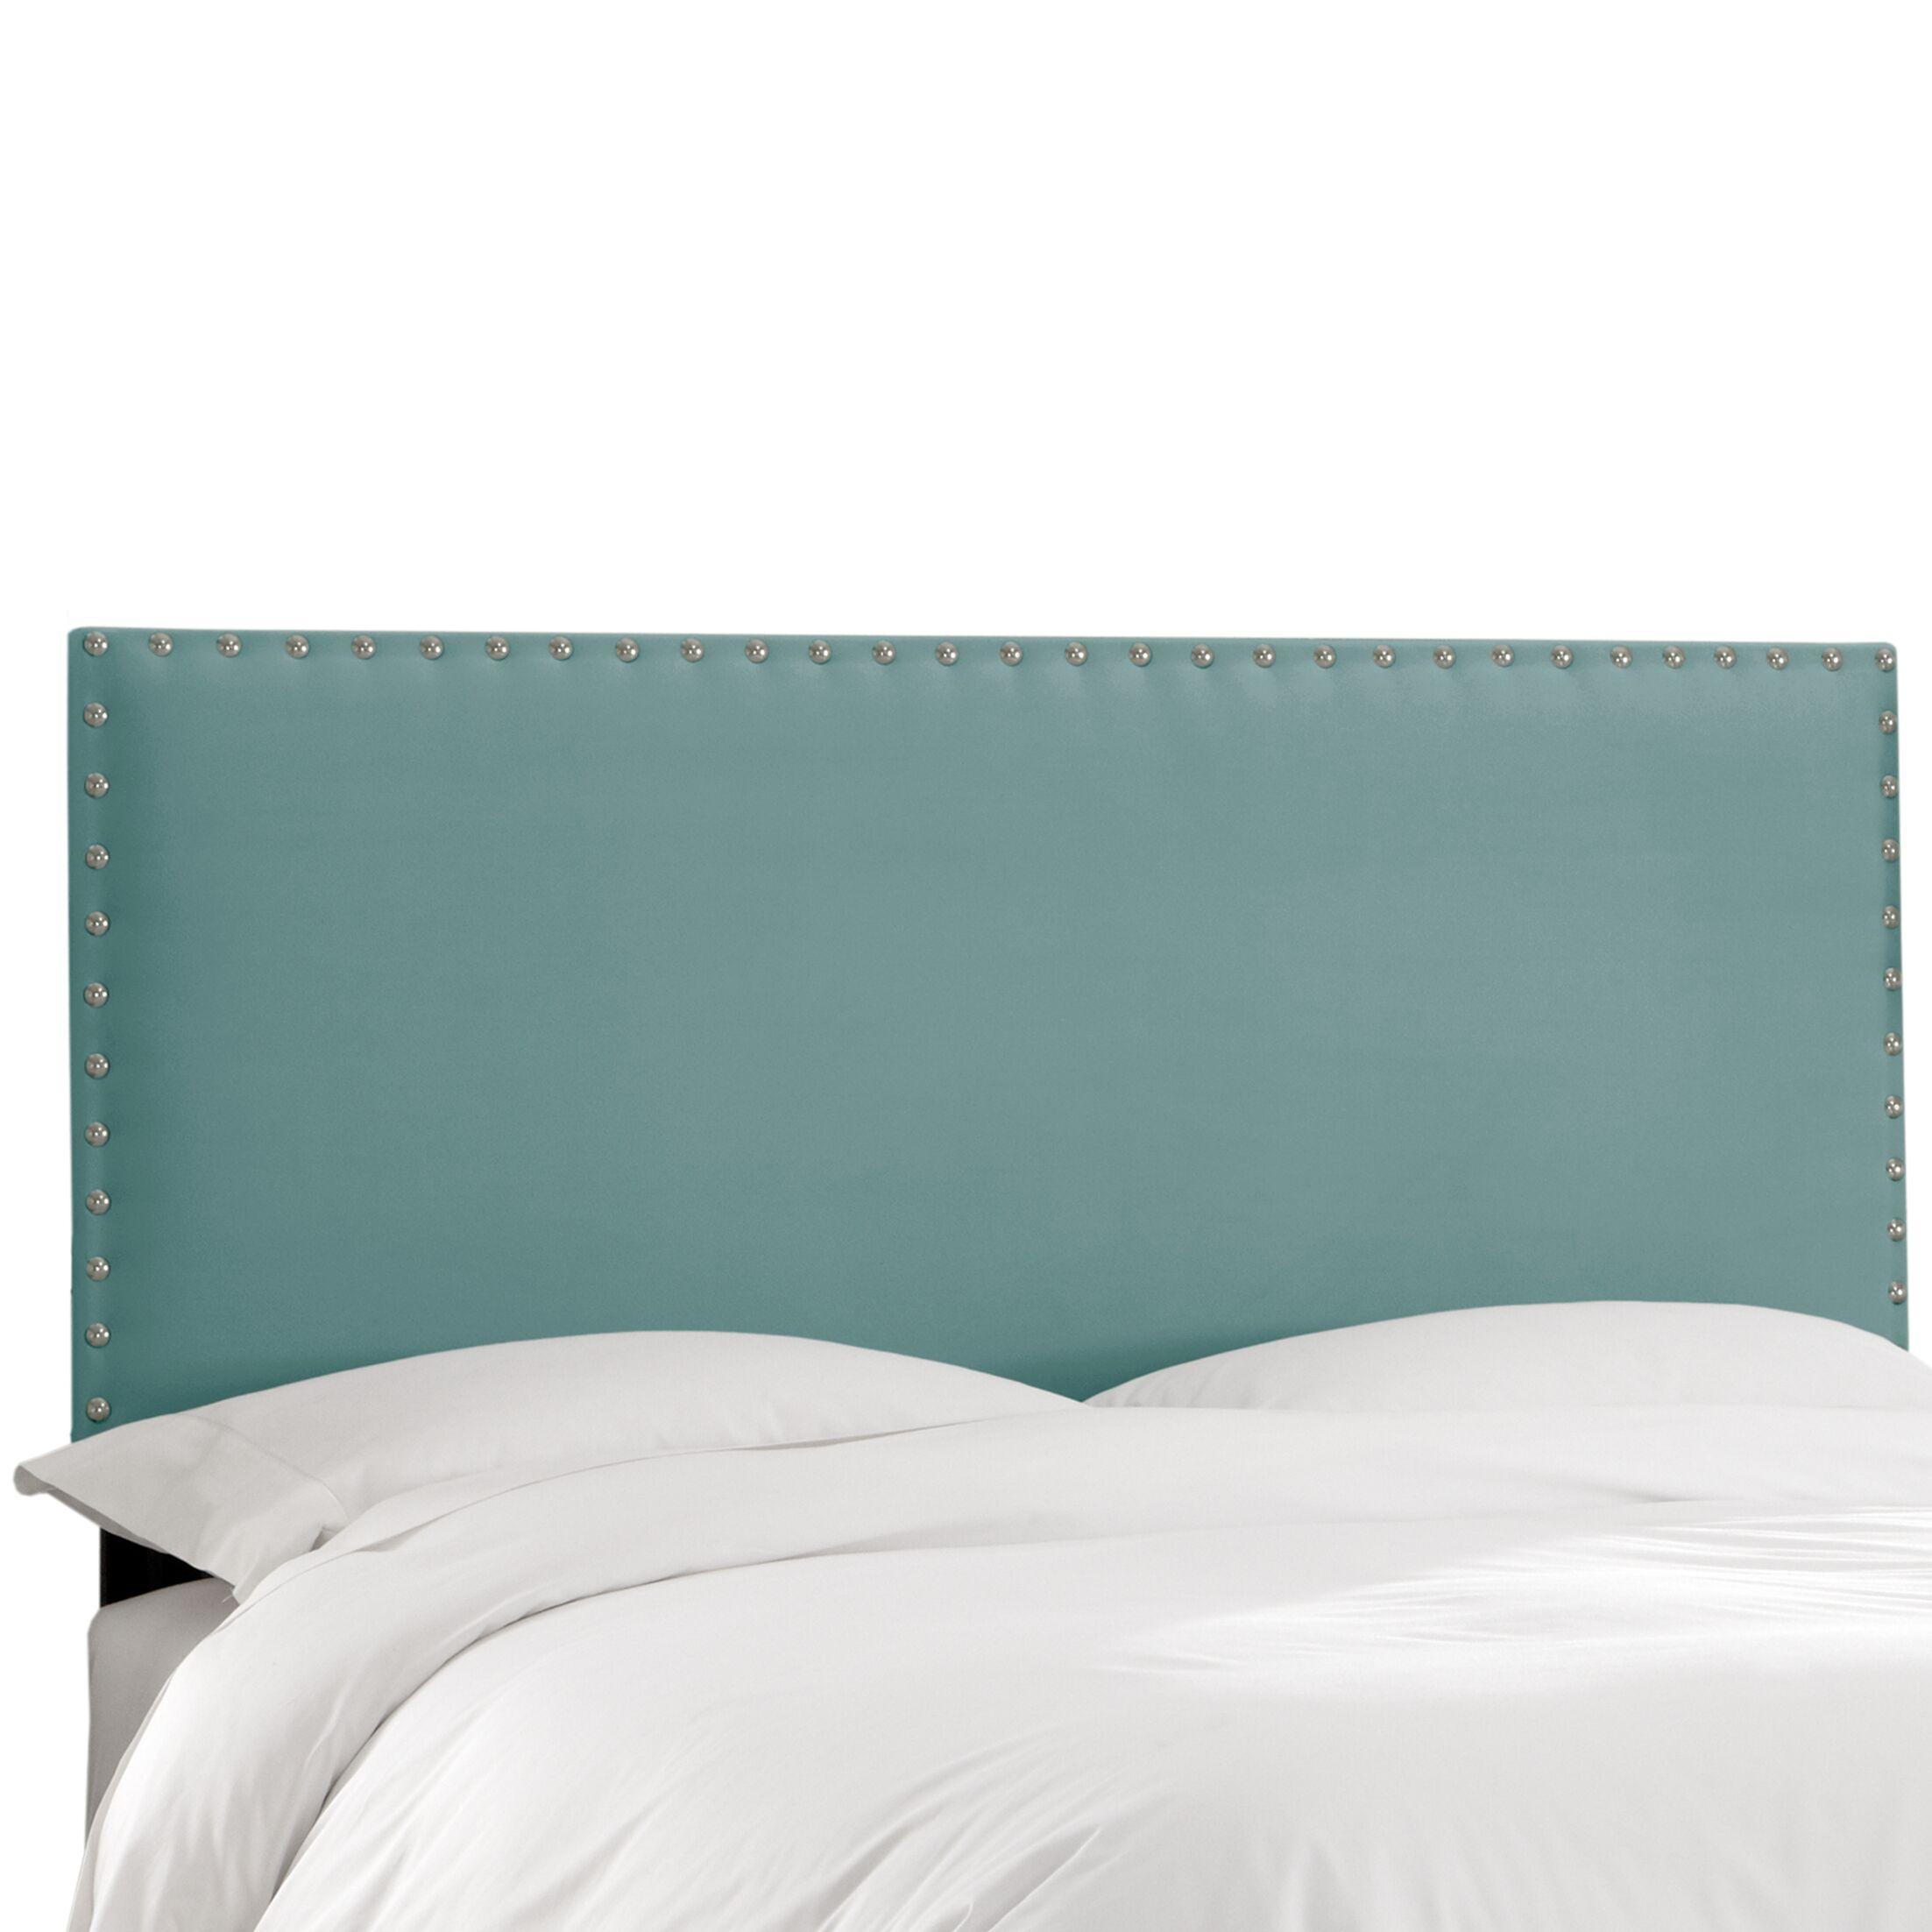 Aldan Upholstered Panel Headboard Size: King, Upholstery: Velvet Caribbean